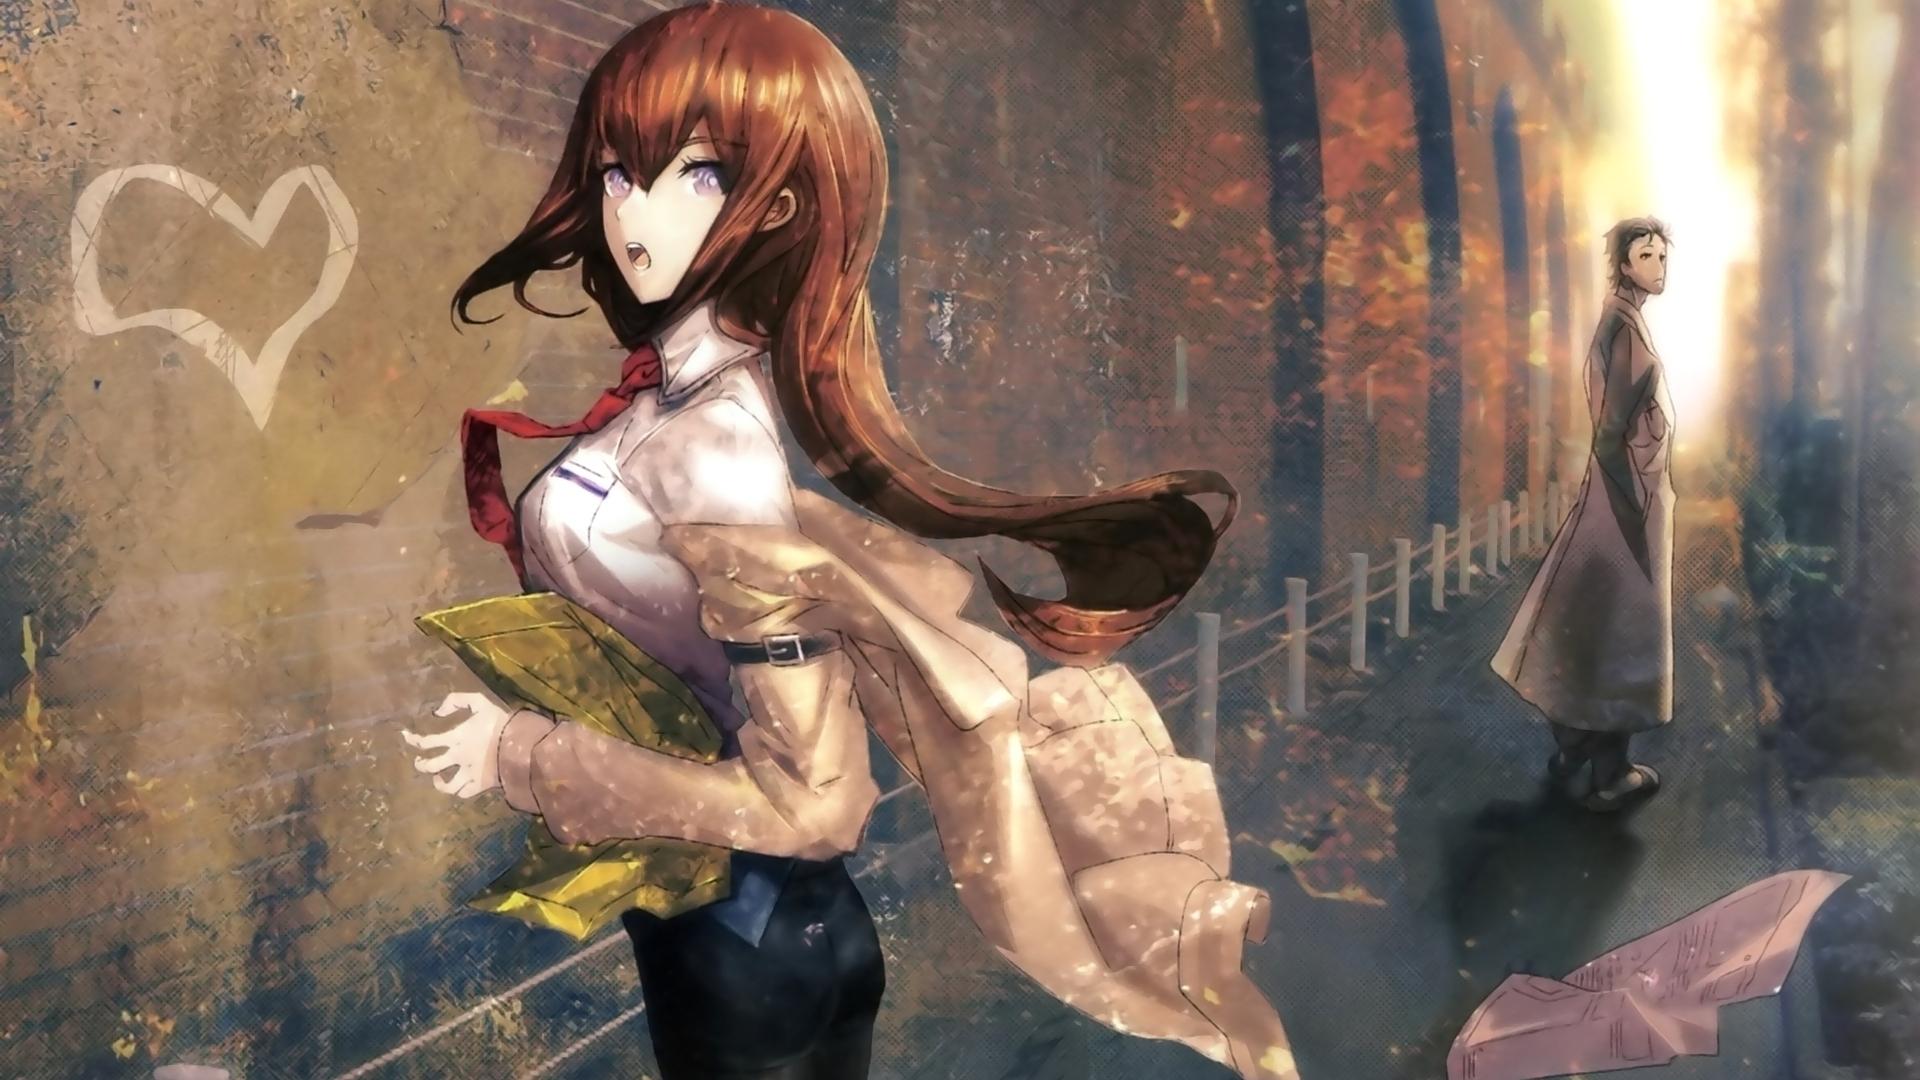 38619 télécharger le fond d'écran Anime, Filles - économiseurs d'écran et images gratuitement